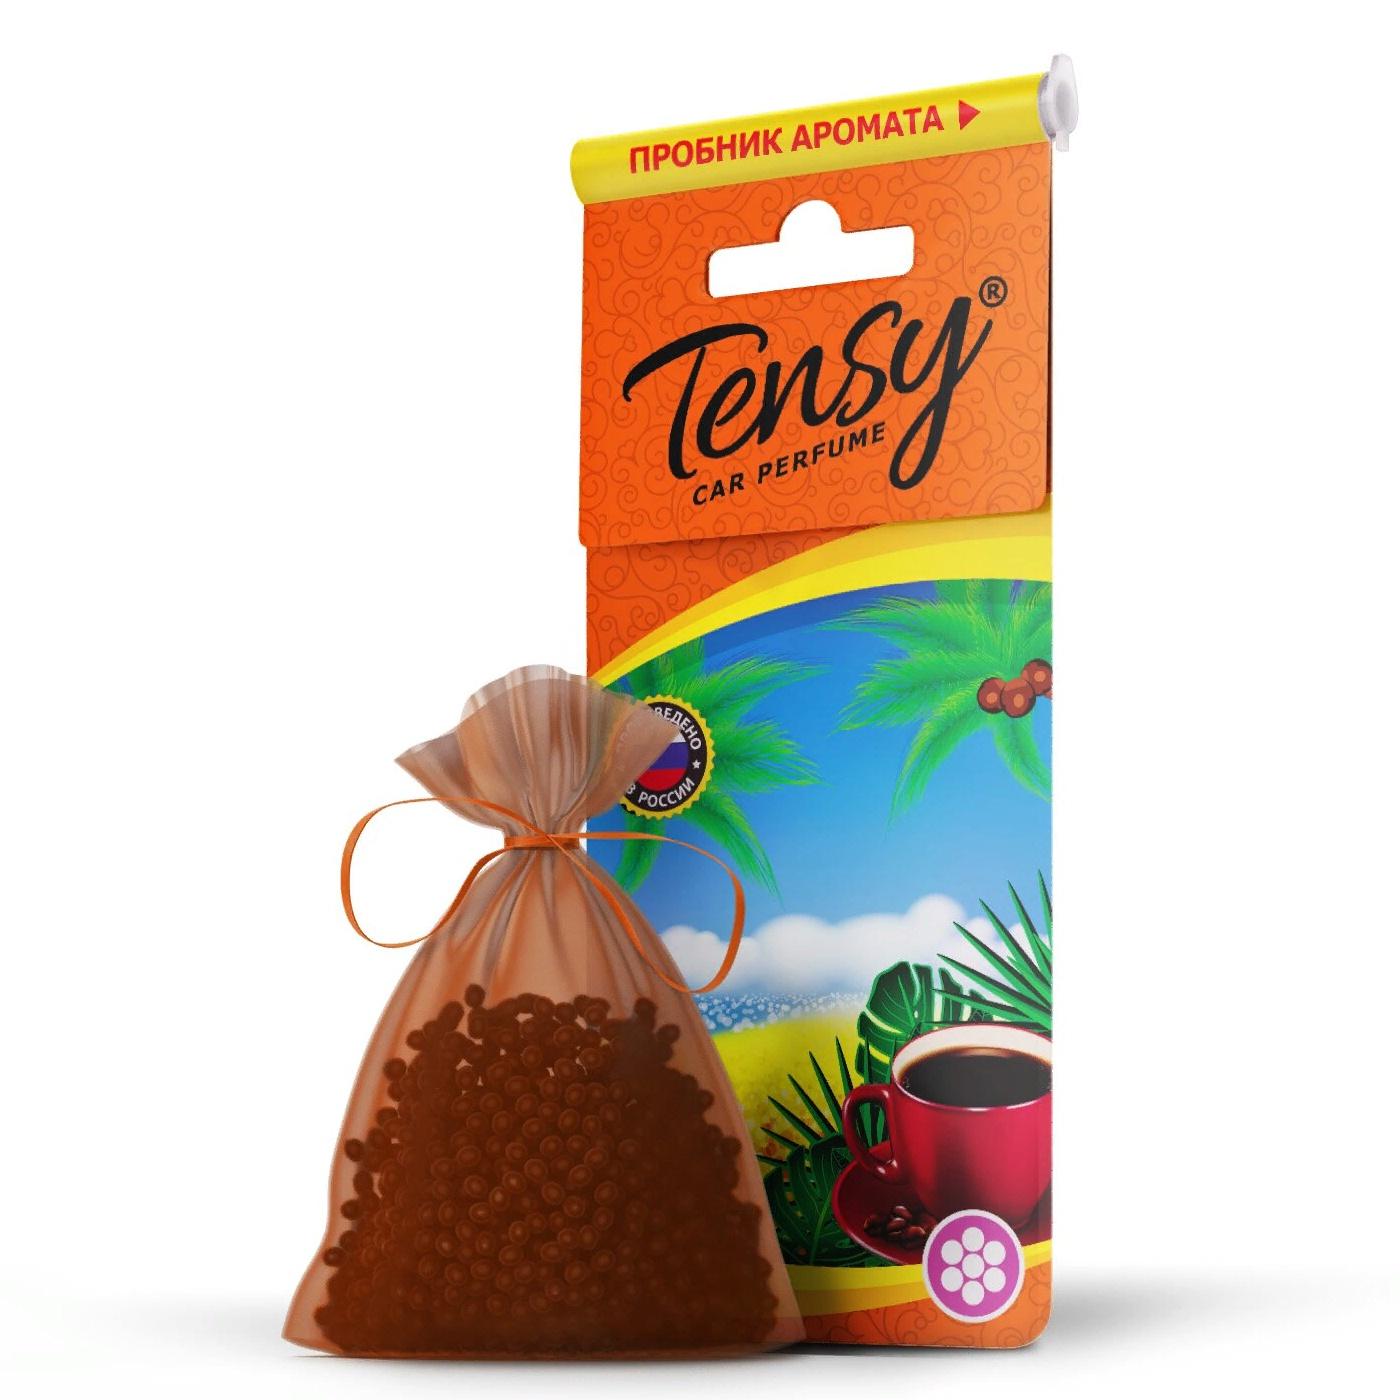 Автомобильный ароматизатор Tensy мешочек, основа гранулы, Кофе мешочек ароматизатор 4 буквы